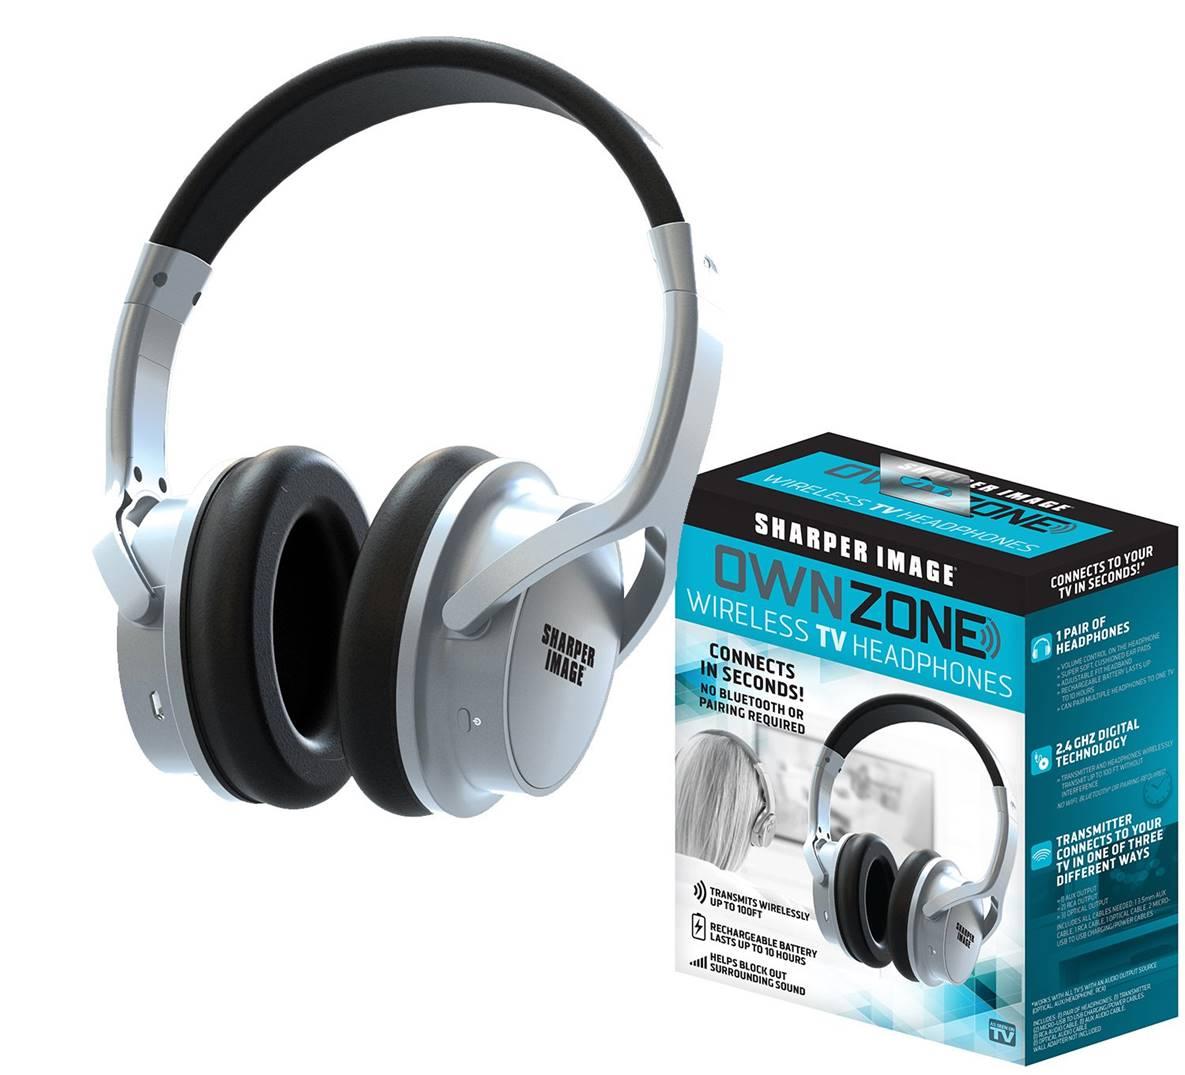 Sharper Image Wireless Headphones for TV